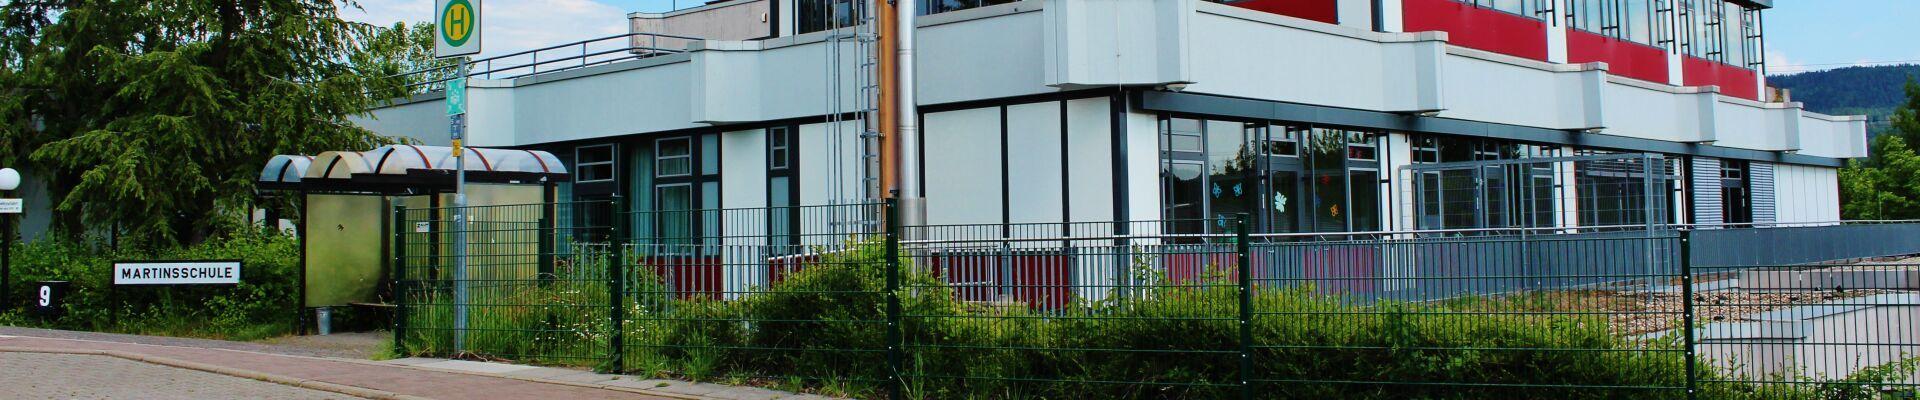 Die Martinsschule in Linsengericht